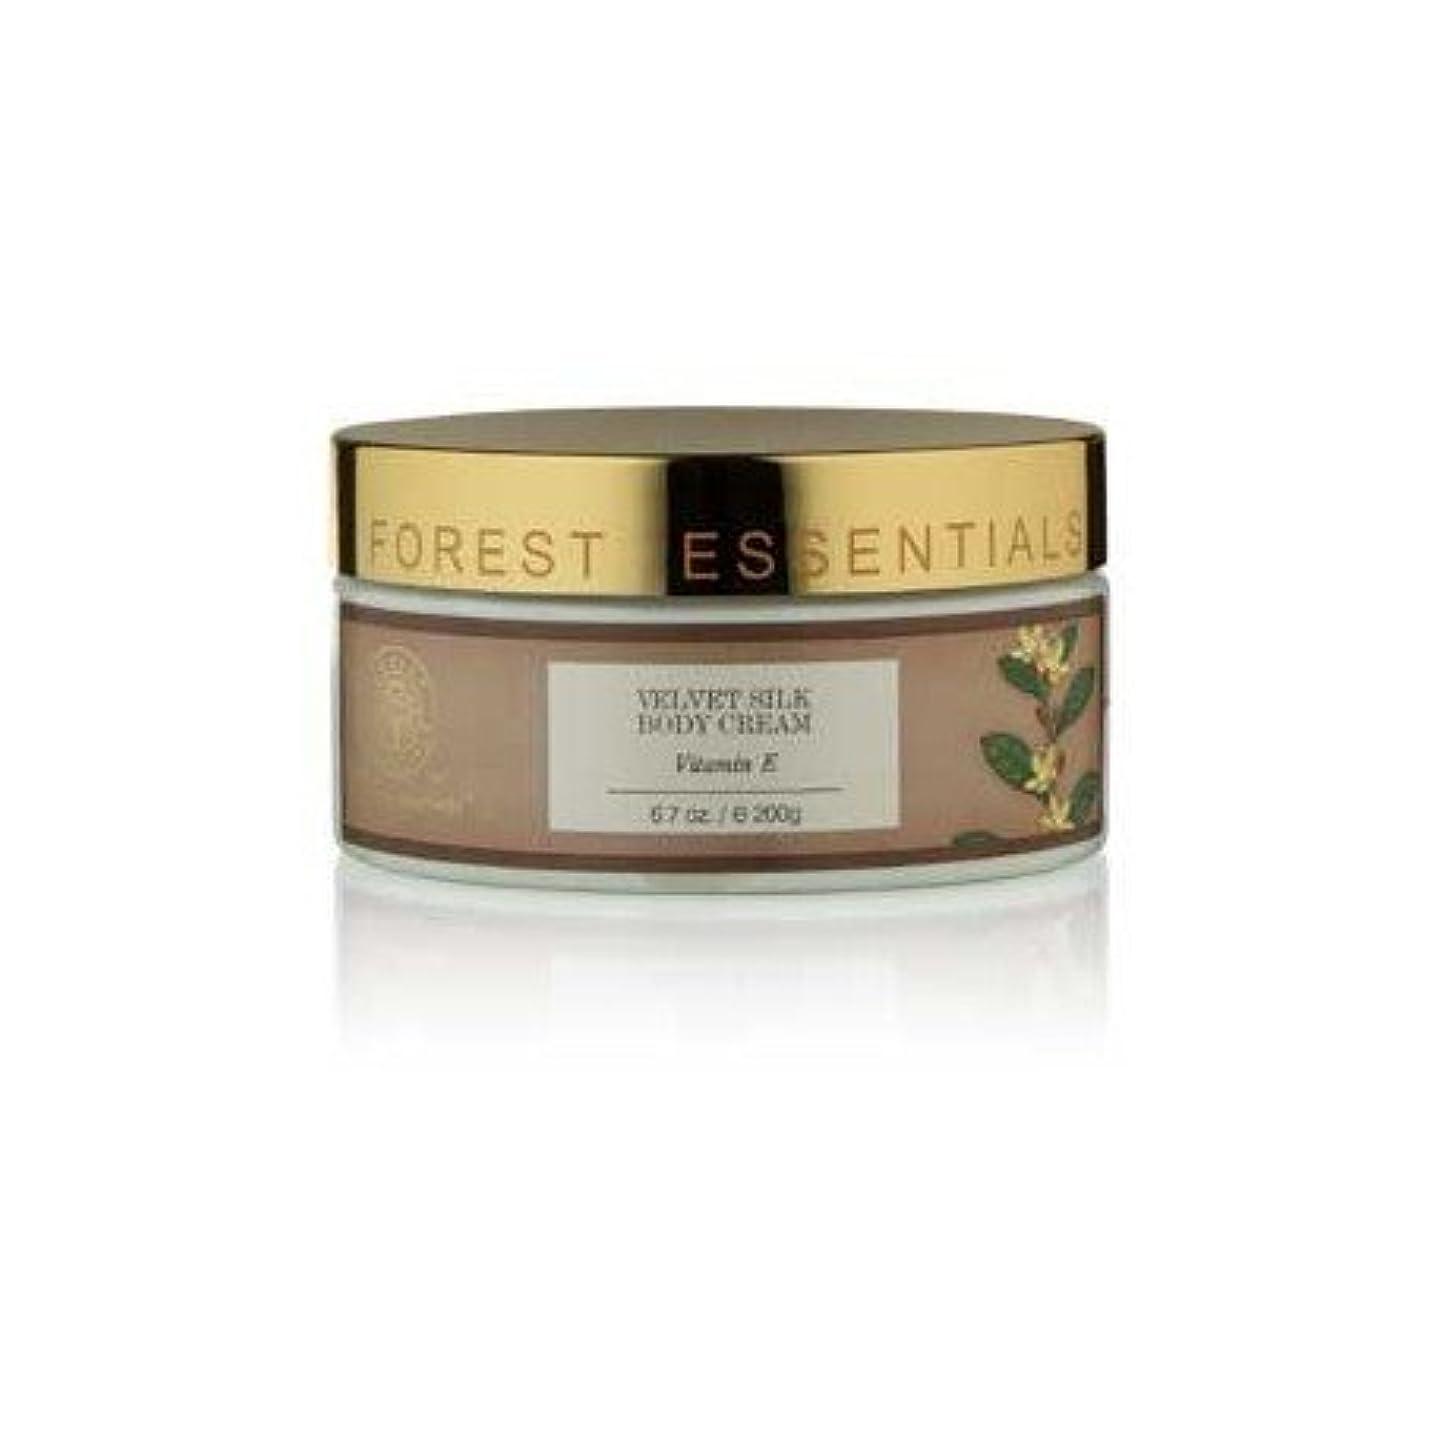 シダ高原性差別Forest Essentials Velvet Silk Body Cream Vitamin E - 200g